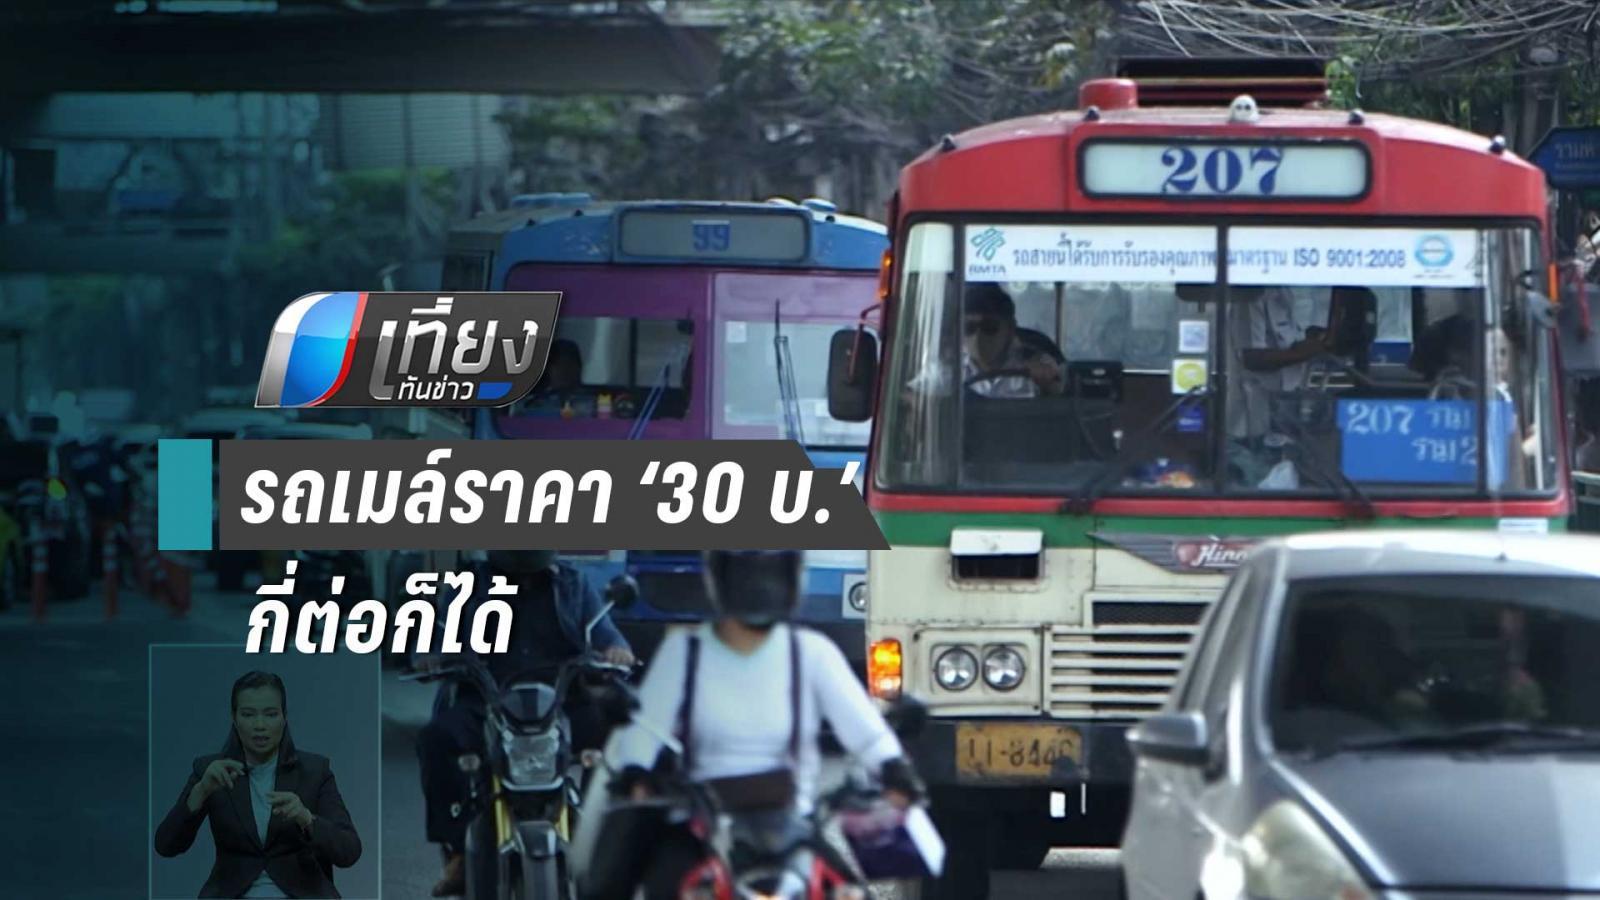 """ขสมก.ยันแผนปฏิรูป """"คนได้ใช้รถเมล์ใหม่ในราคา 30 บ.กี่ต่อก็ได้"""""""